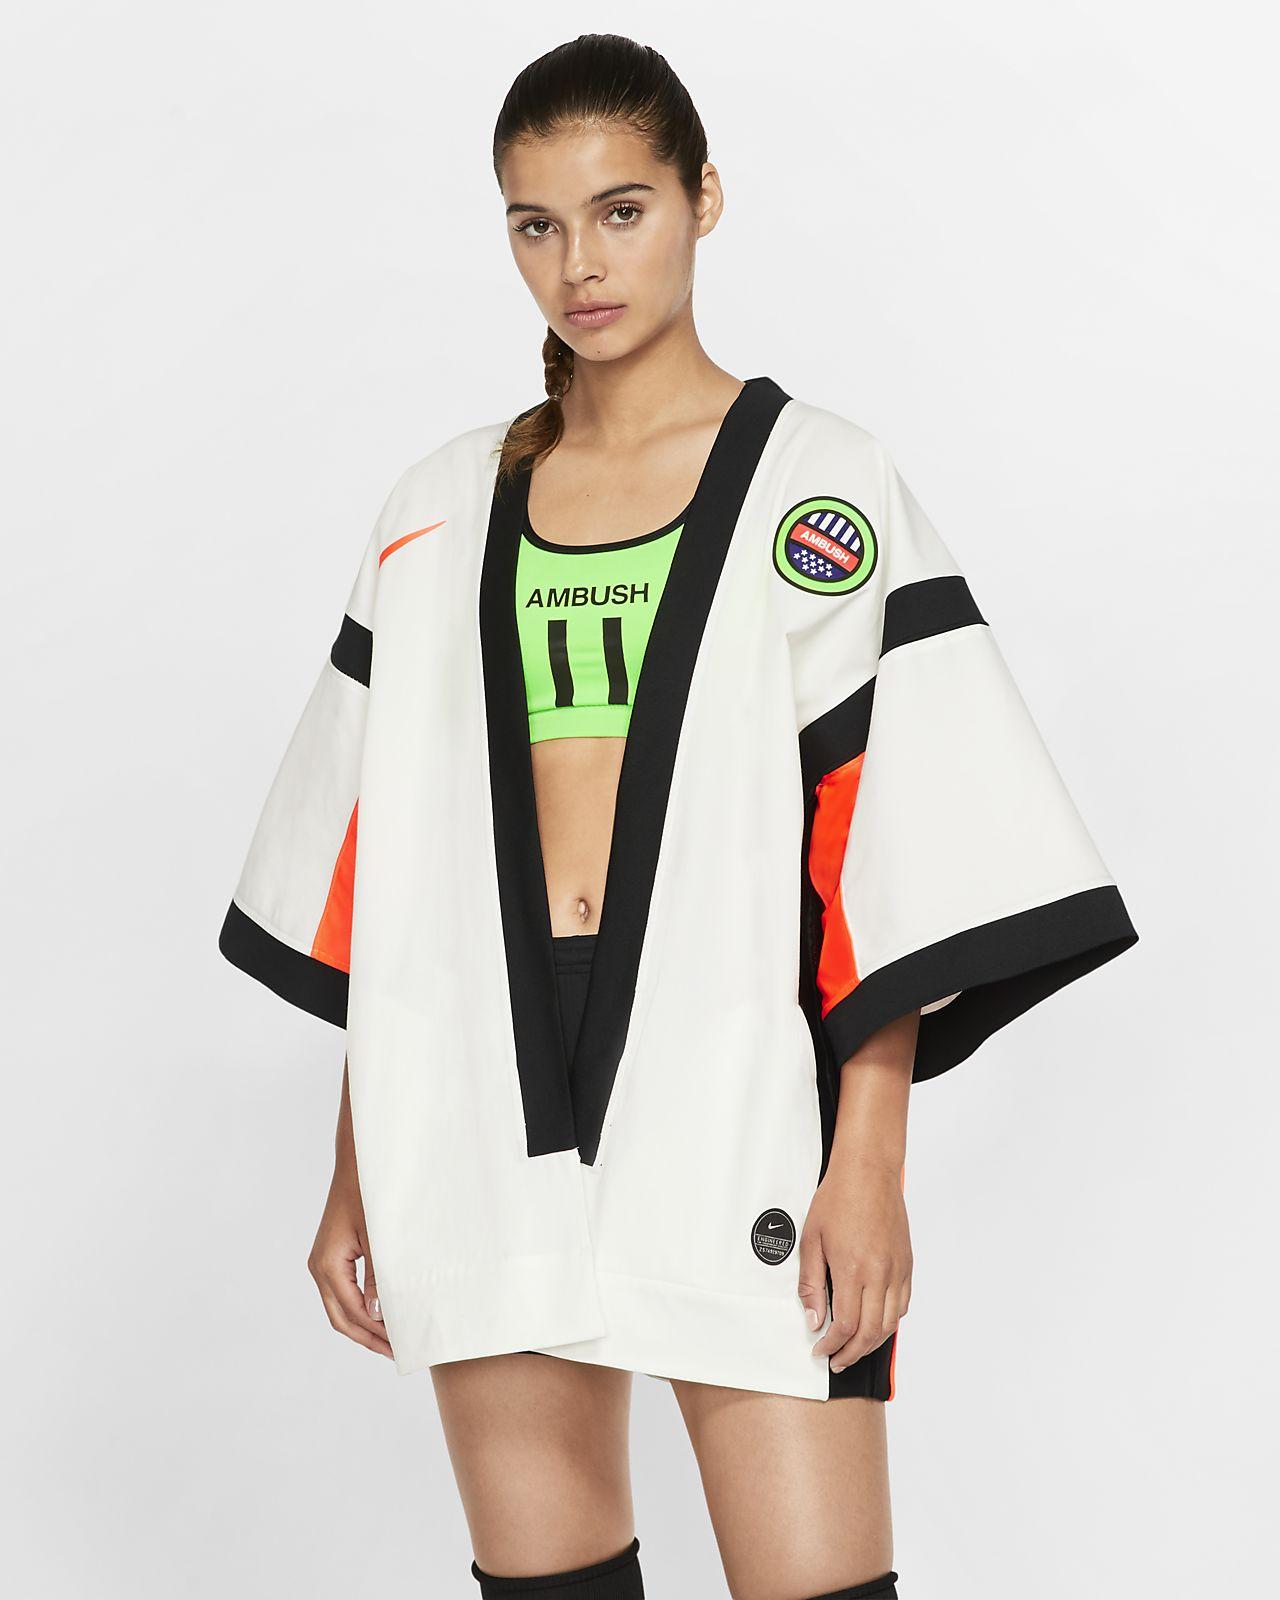 Nike x AMBUSH Women's Jacket